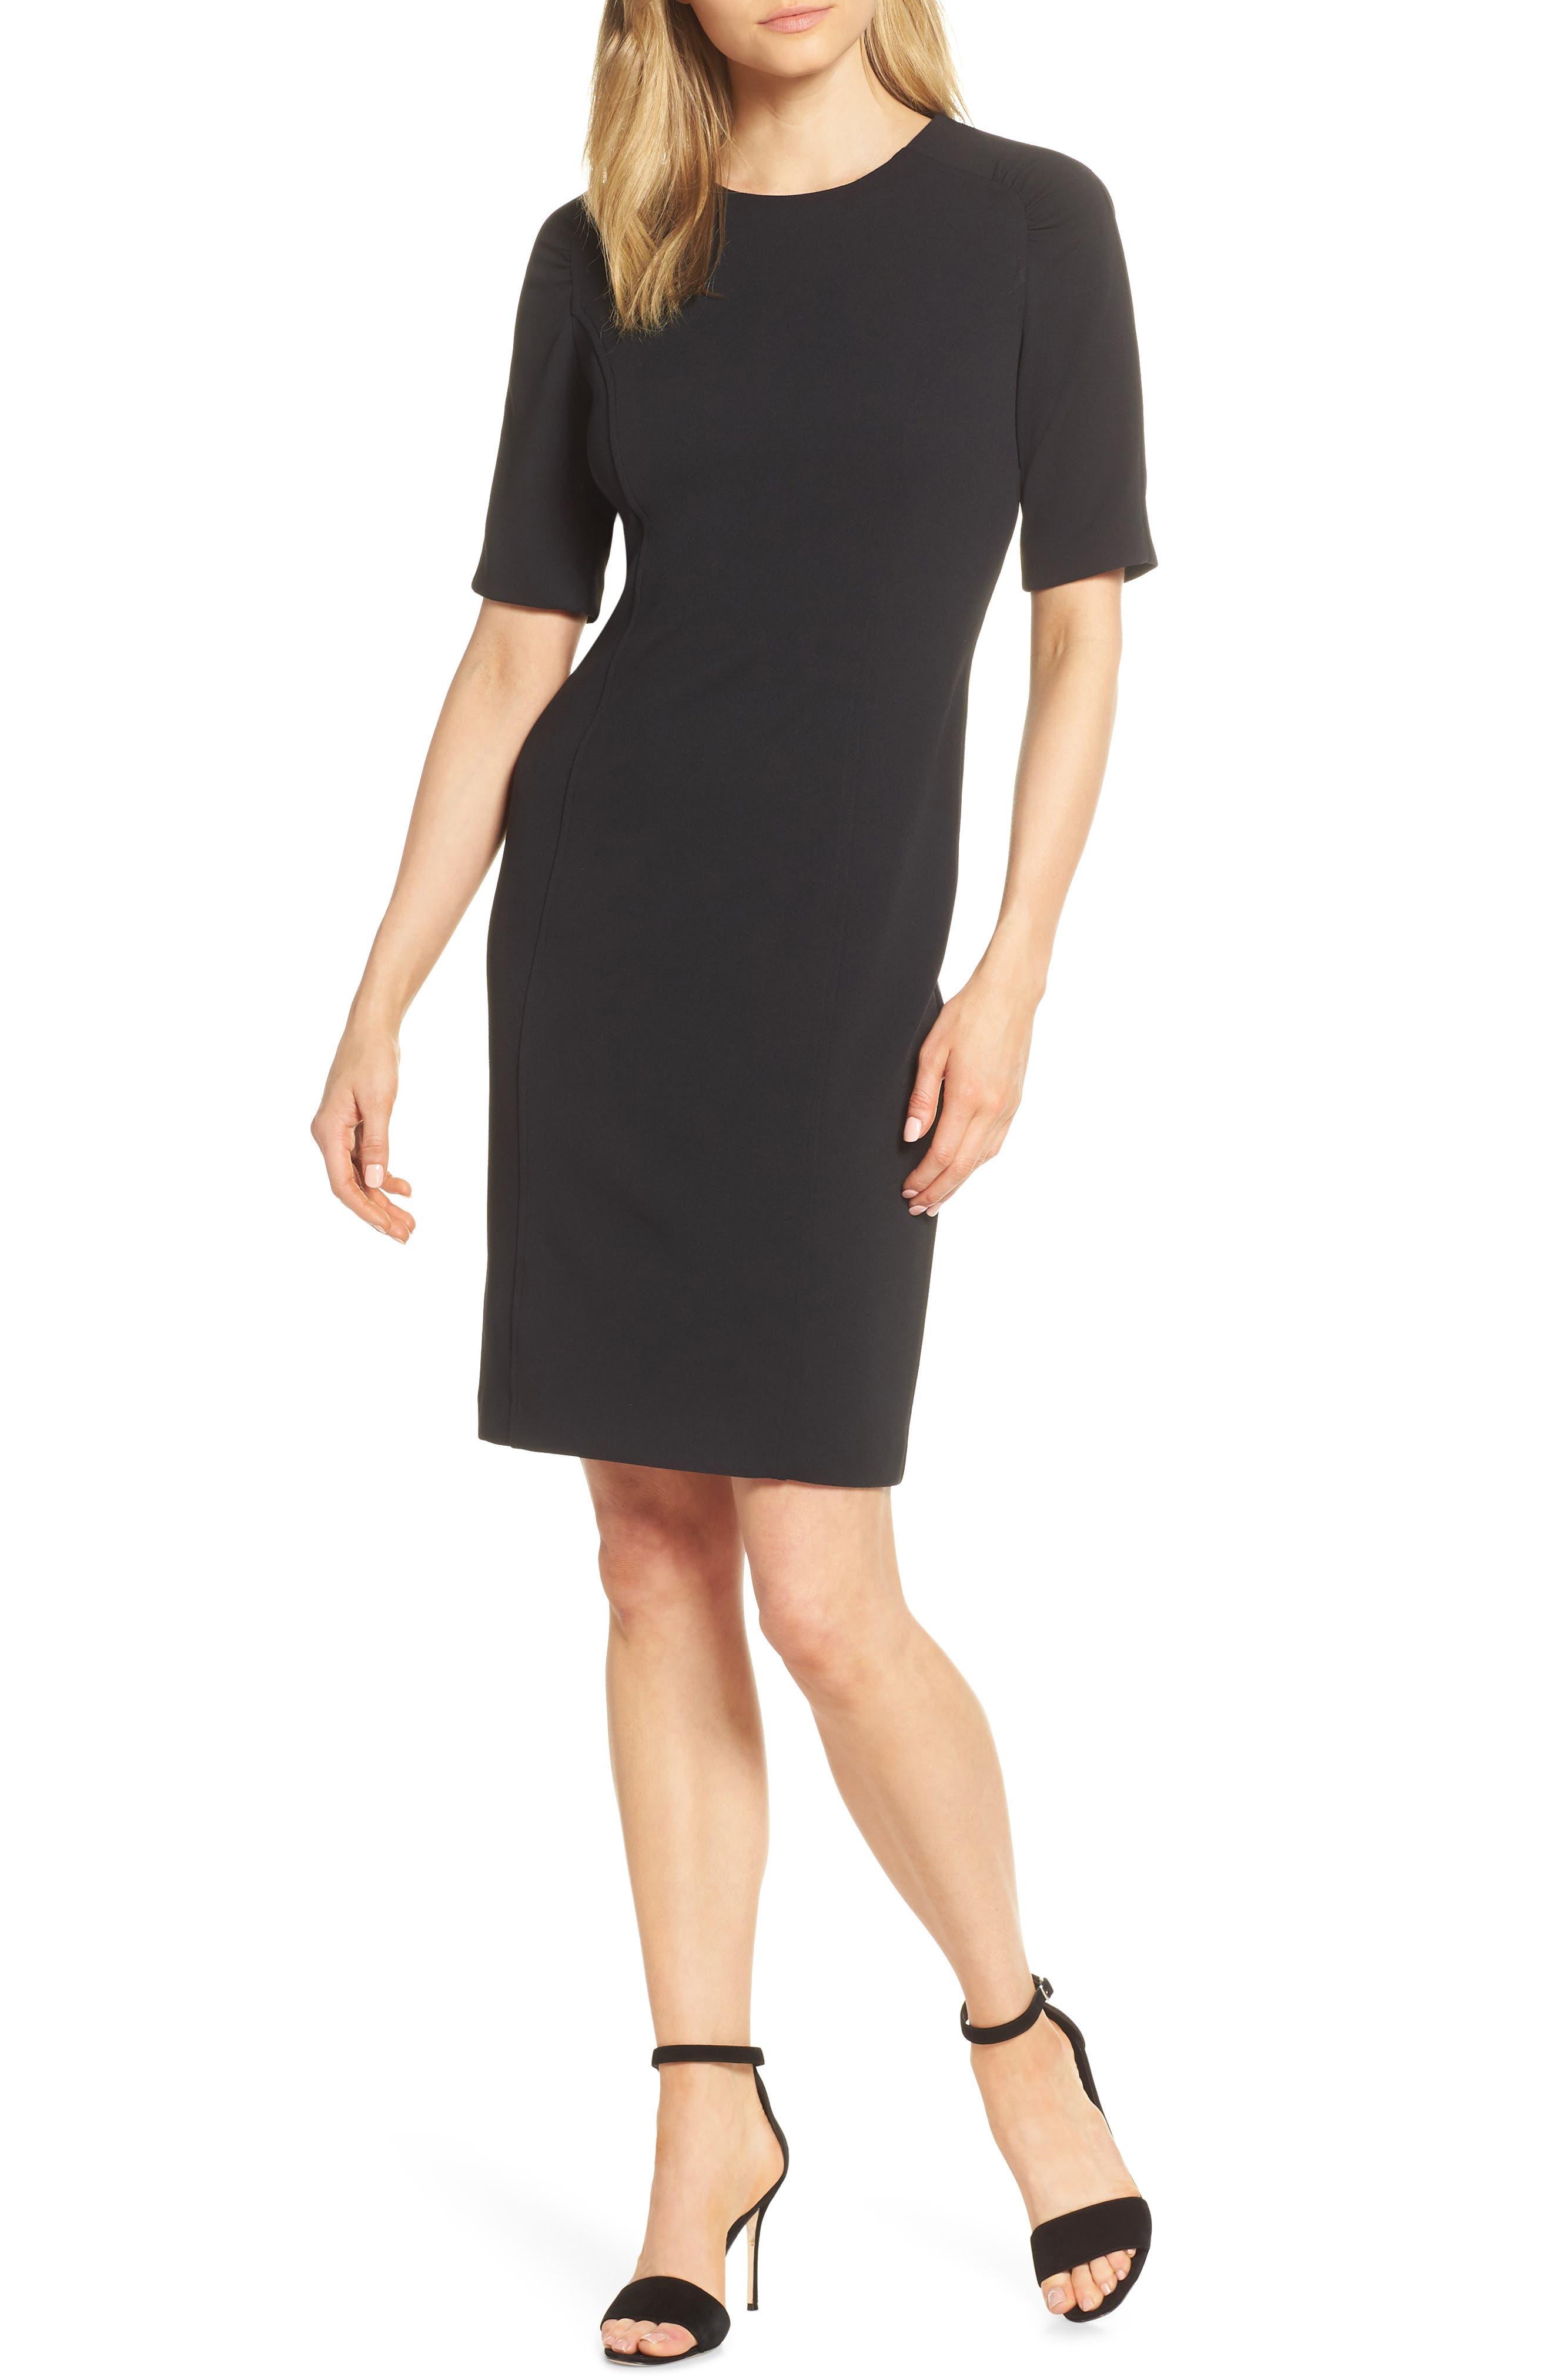 Petite Harper Rose Stretch Sheath Dress, Black